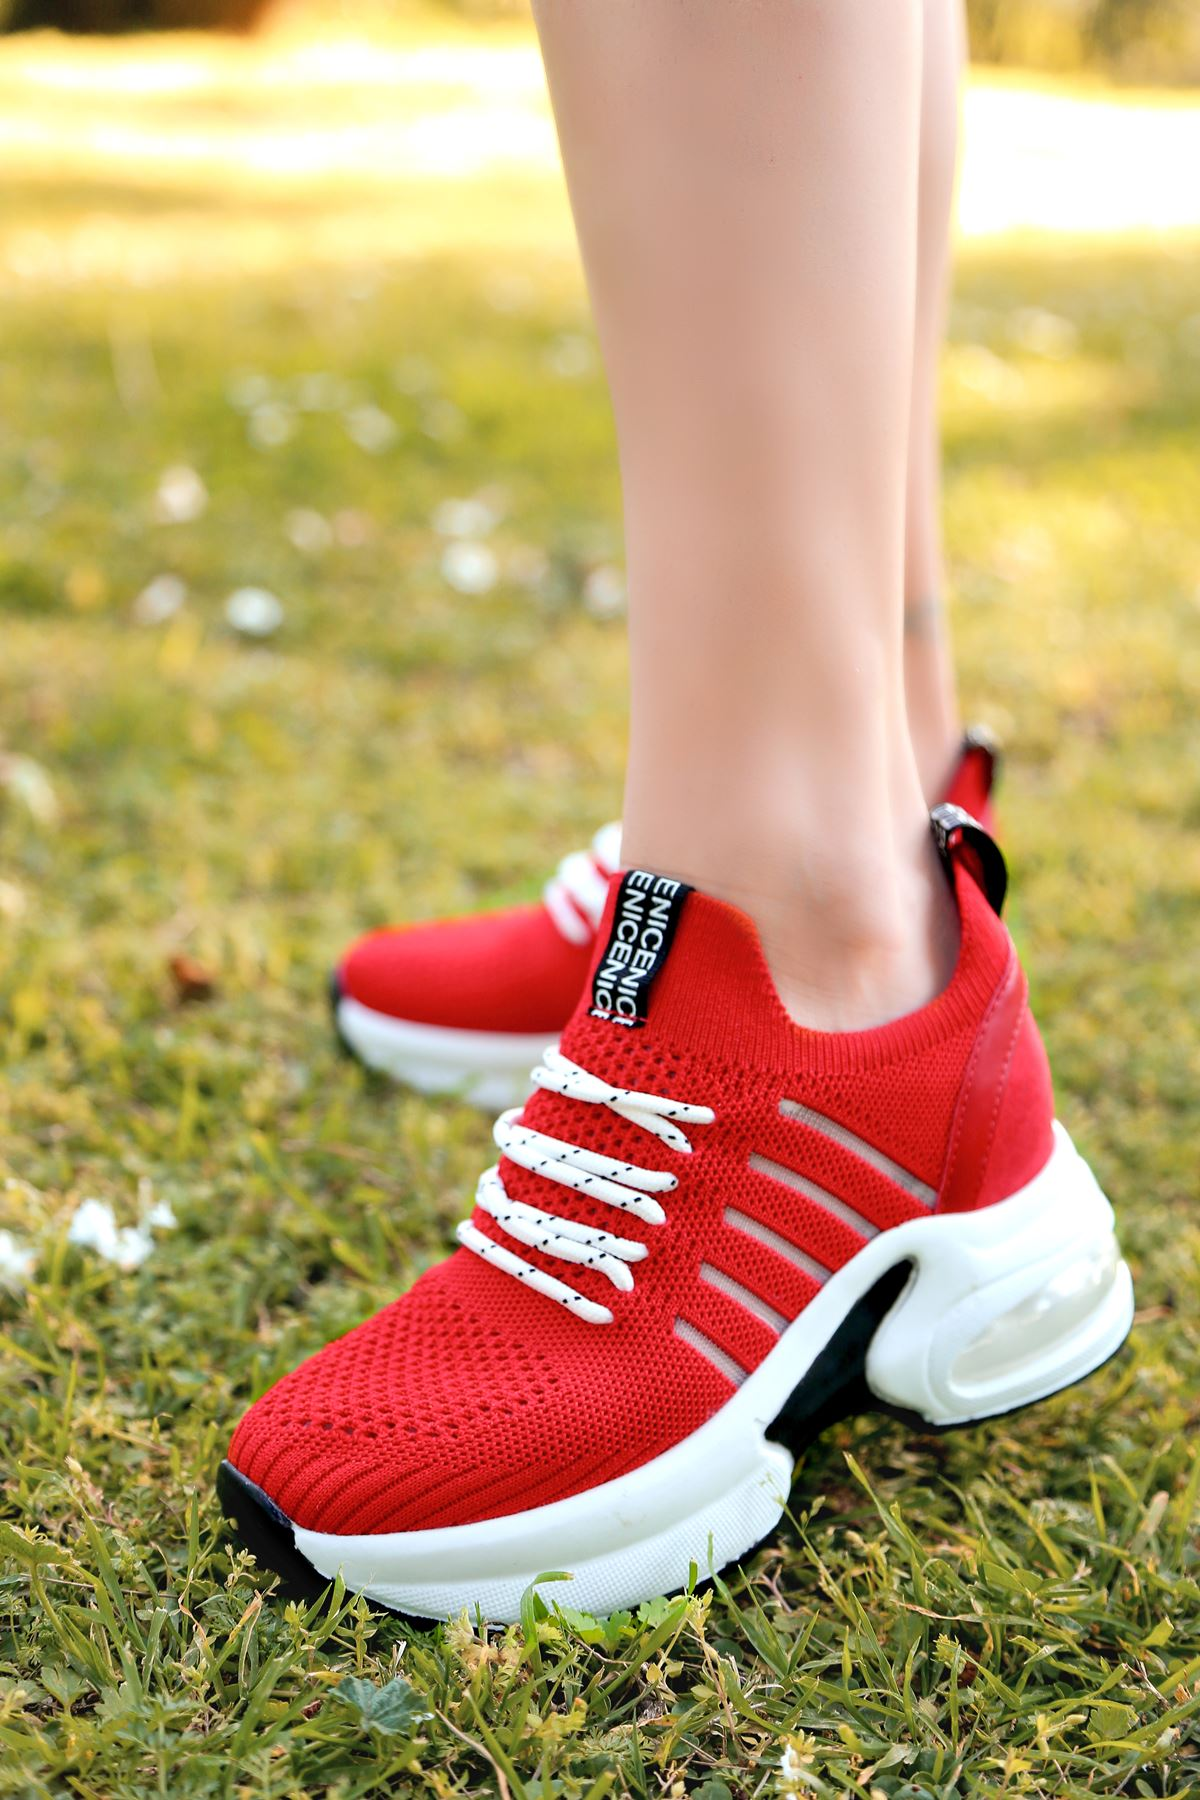 Loli Hava Tabanlı Triko File Detay Kırmızı Kadın Spor Ayakkabı